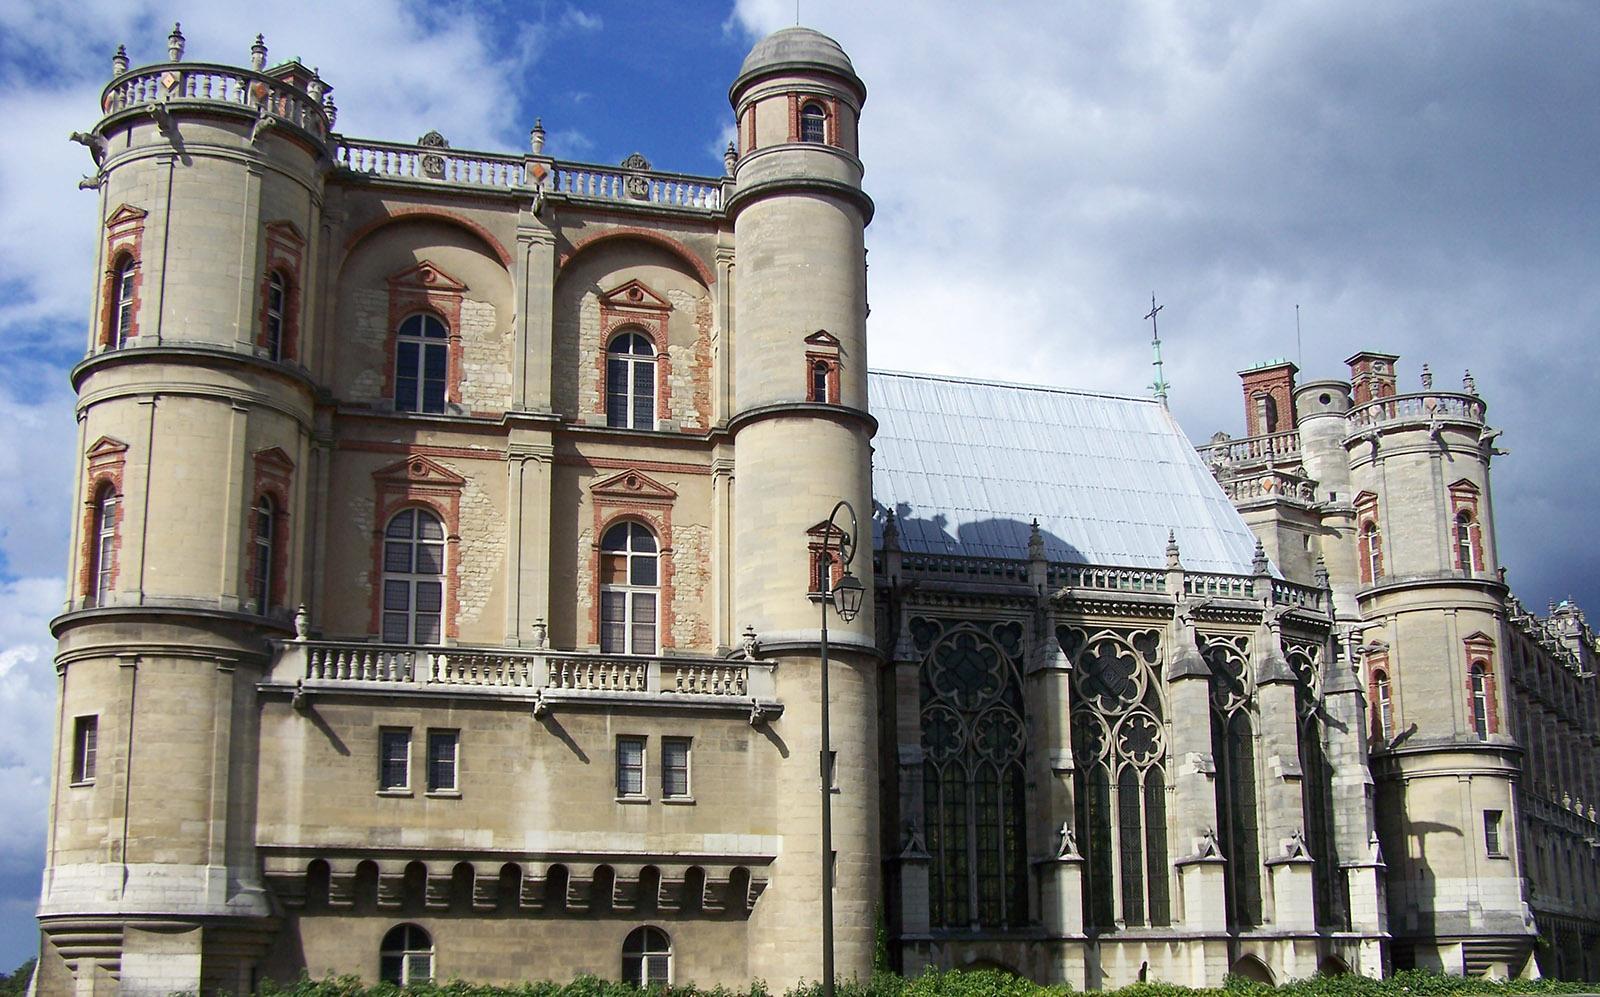 Das Schloss in Saint-Germain-en-Laye. Hier wurde Ludwig XIV geboren, am 5.September 1638. Deshalb birgt das Wappen von St-Germain eine Wiege. Foto: Renate Dietzel